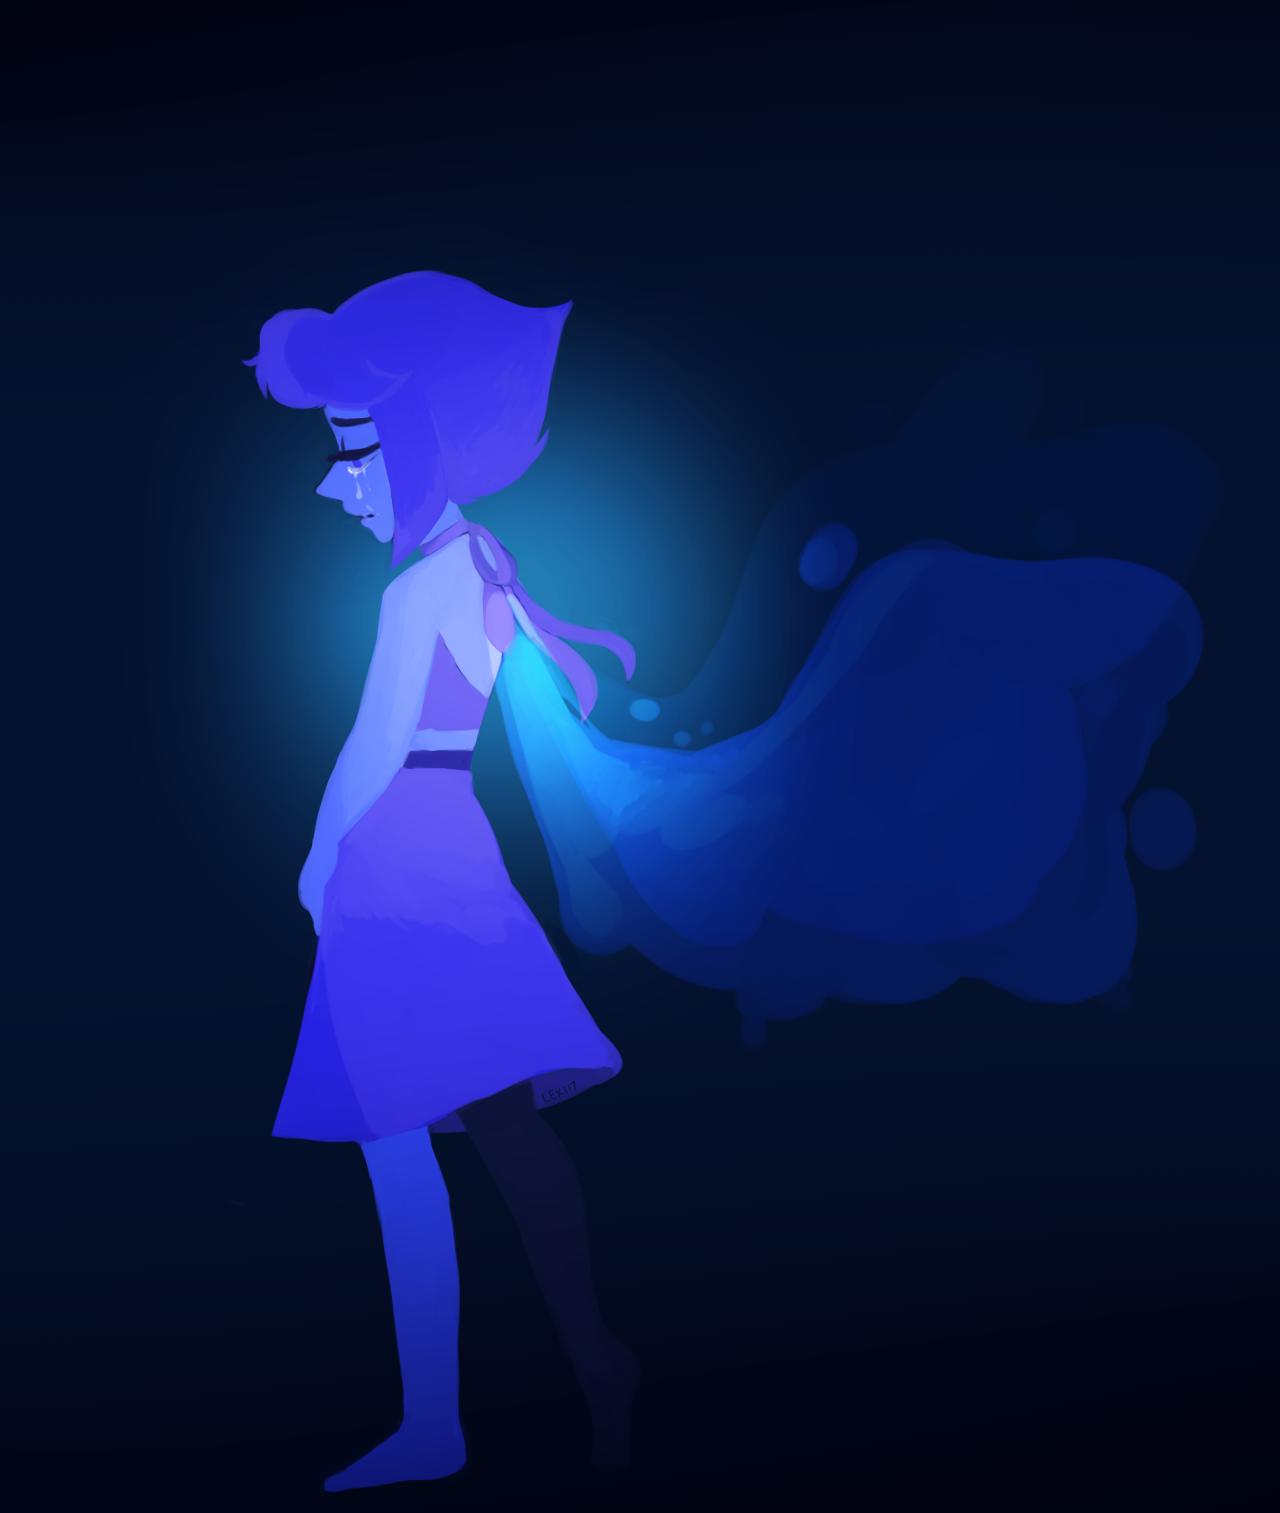 i like the blue gems